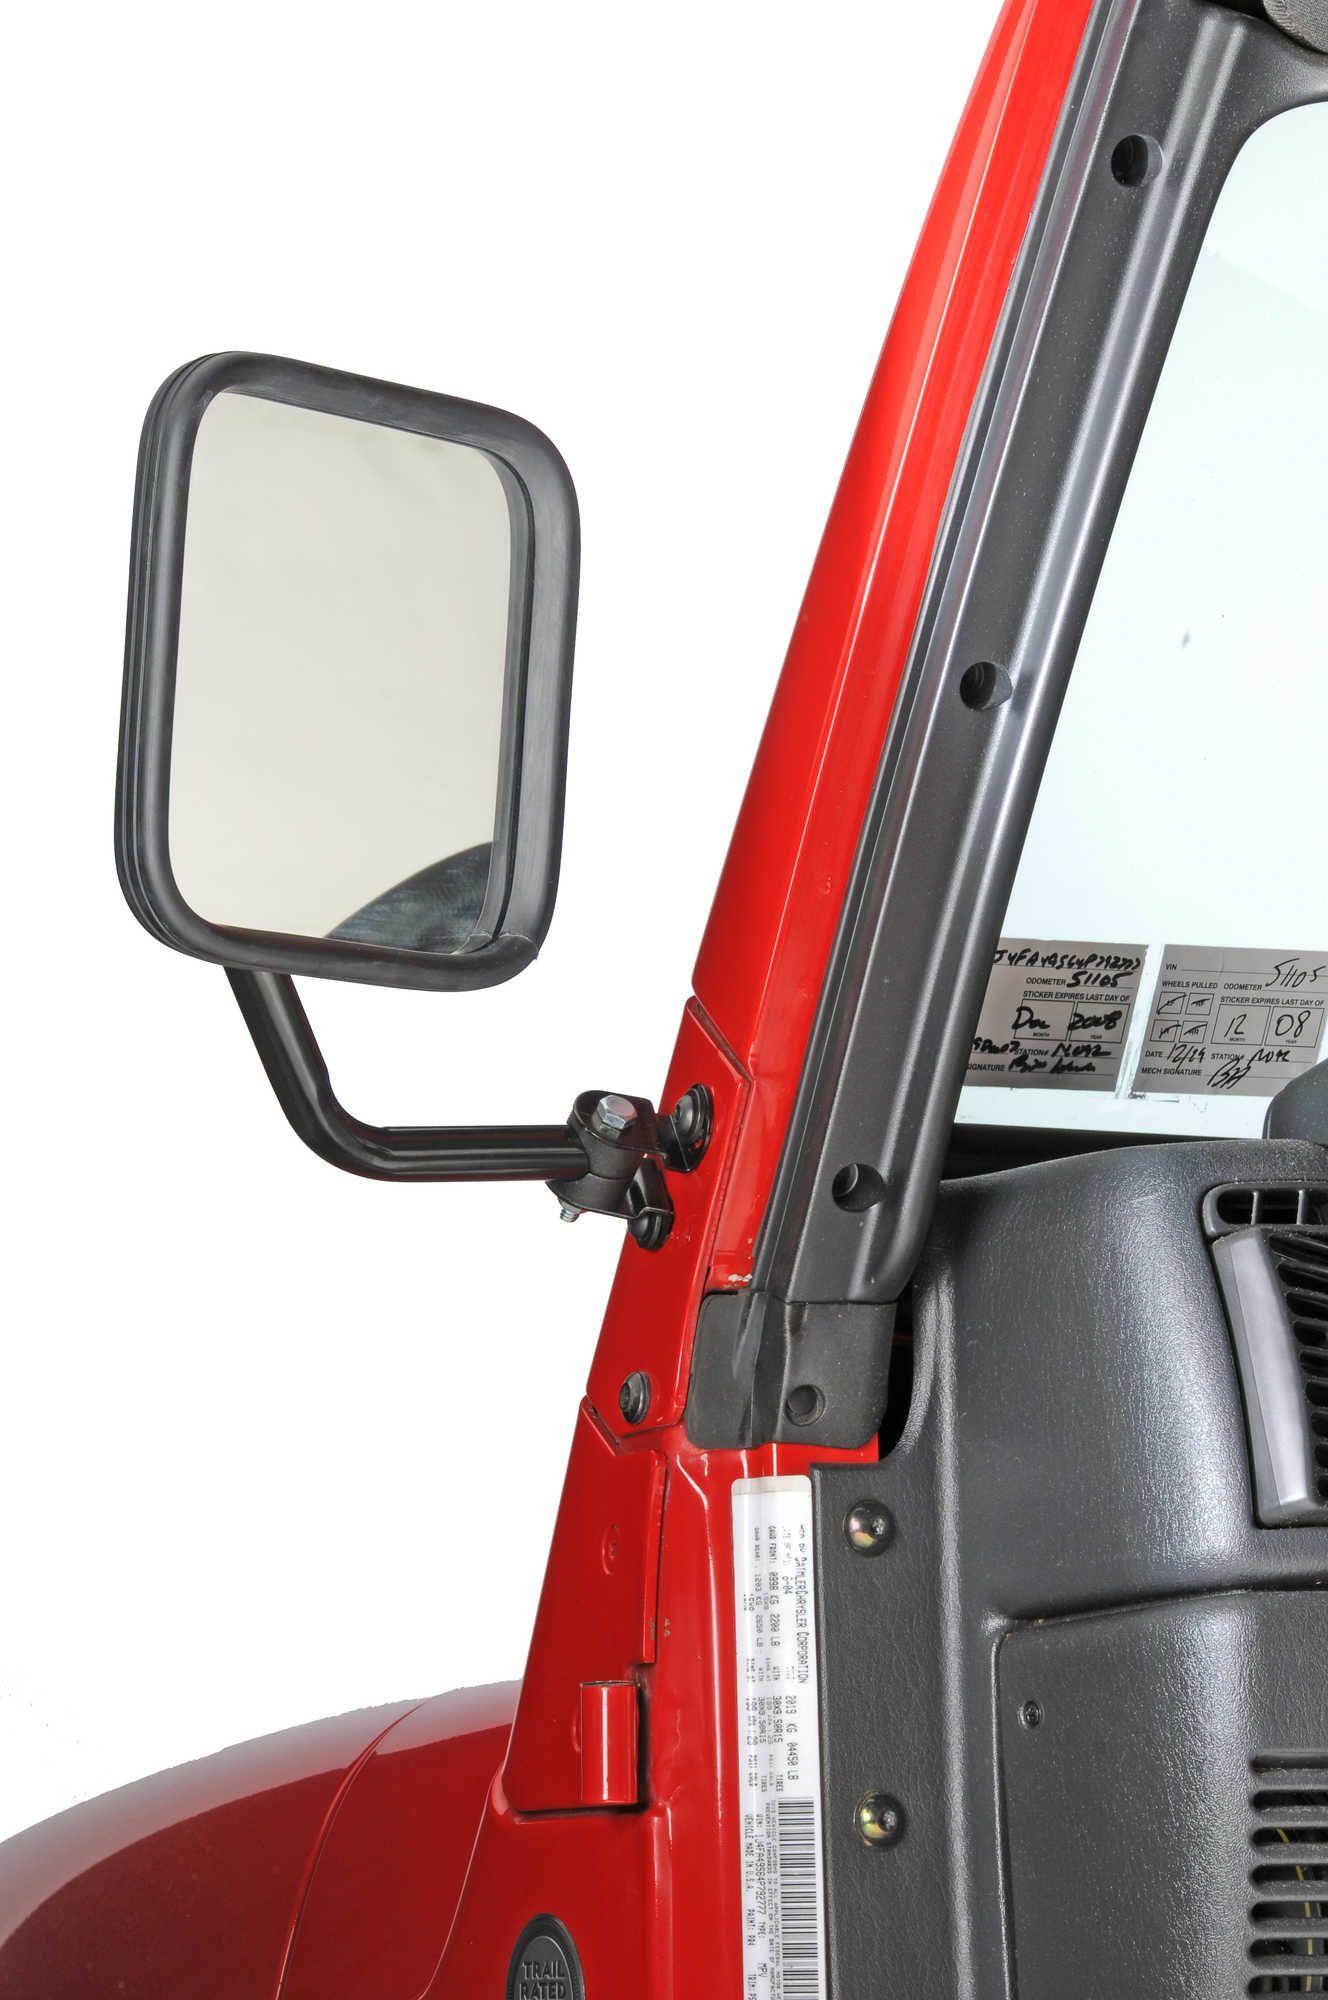 Fast Install Rectangular Door Hinge Jeep Mirrors For 2007 2019 Jeep Wrangler Jl Jk Cj Yj Tj Models Jeep Mirrors Jeep Jeep Doors